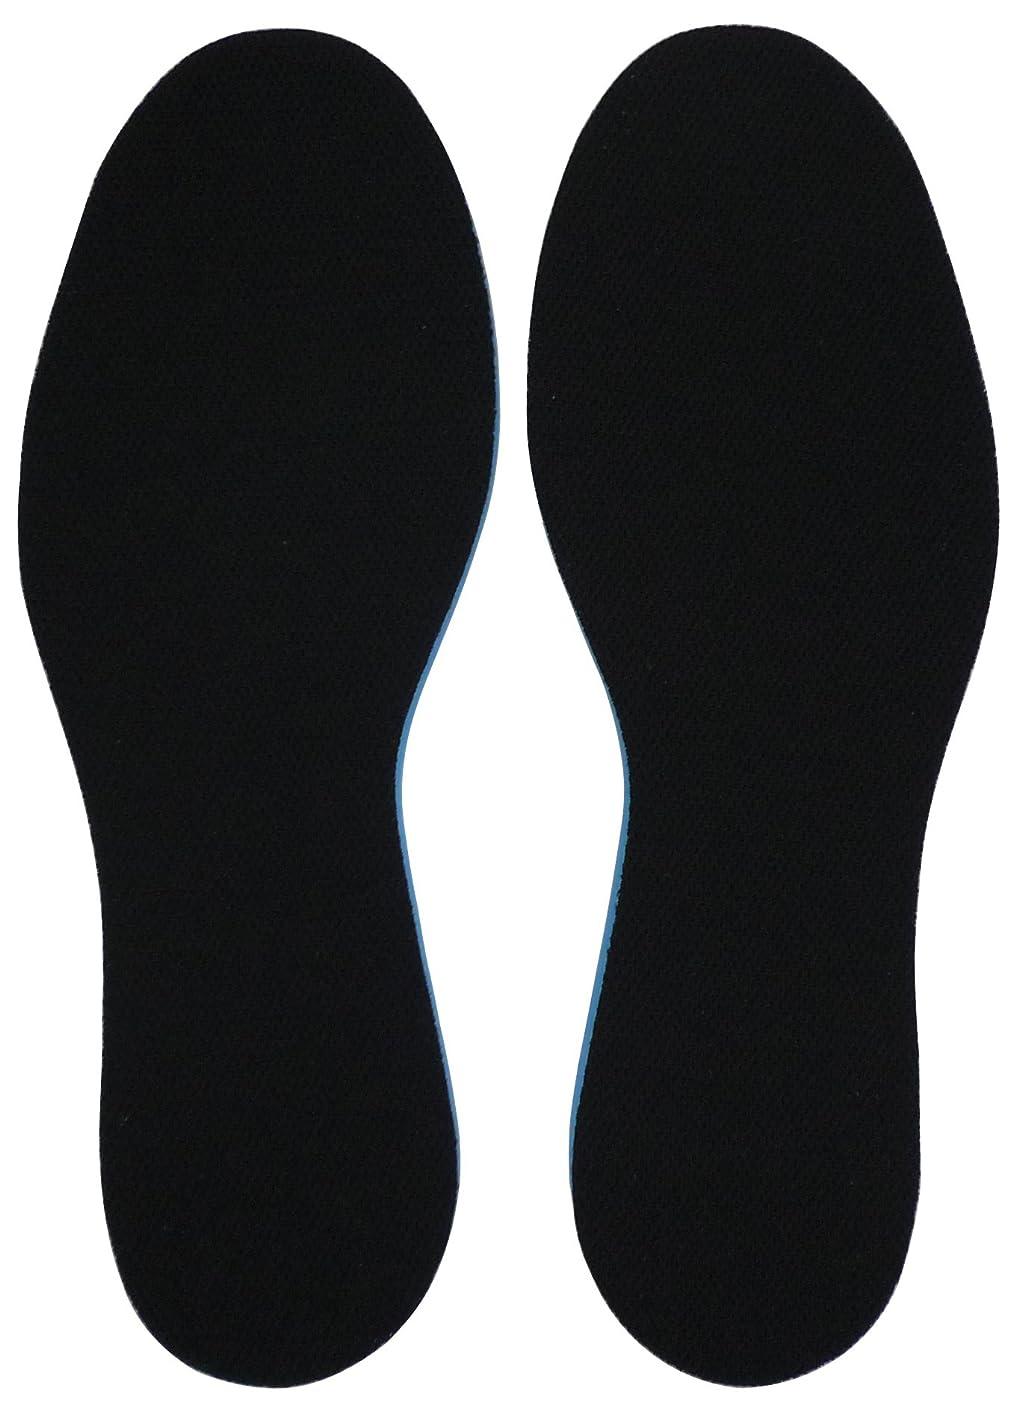 拡散する前兆ヘビー[コロンブス] MEGA(メガ) 厚サイズフィッターインソール 173057